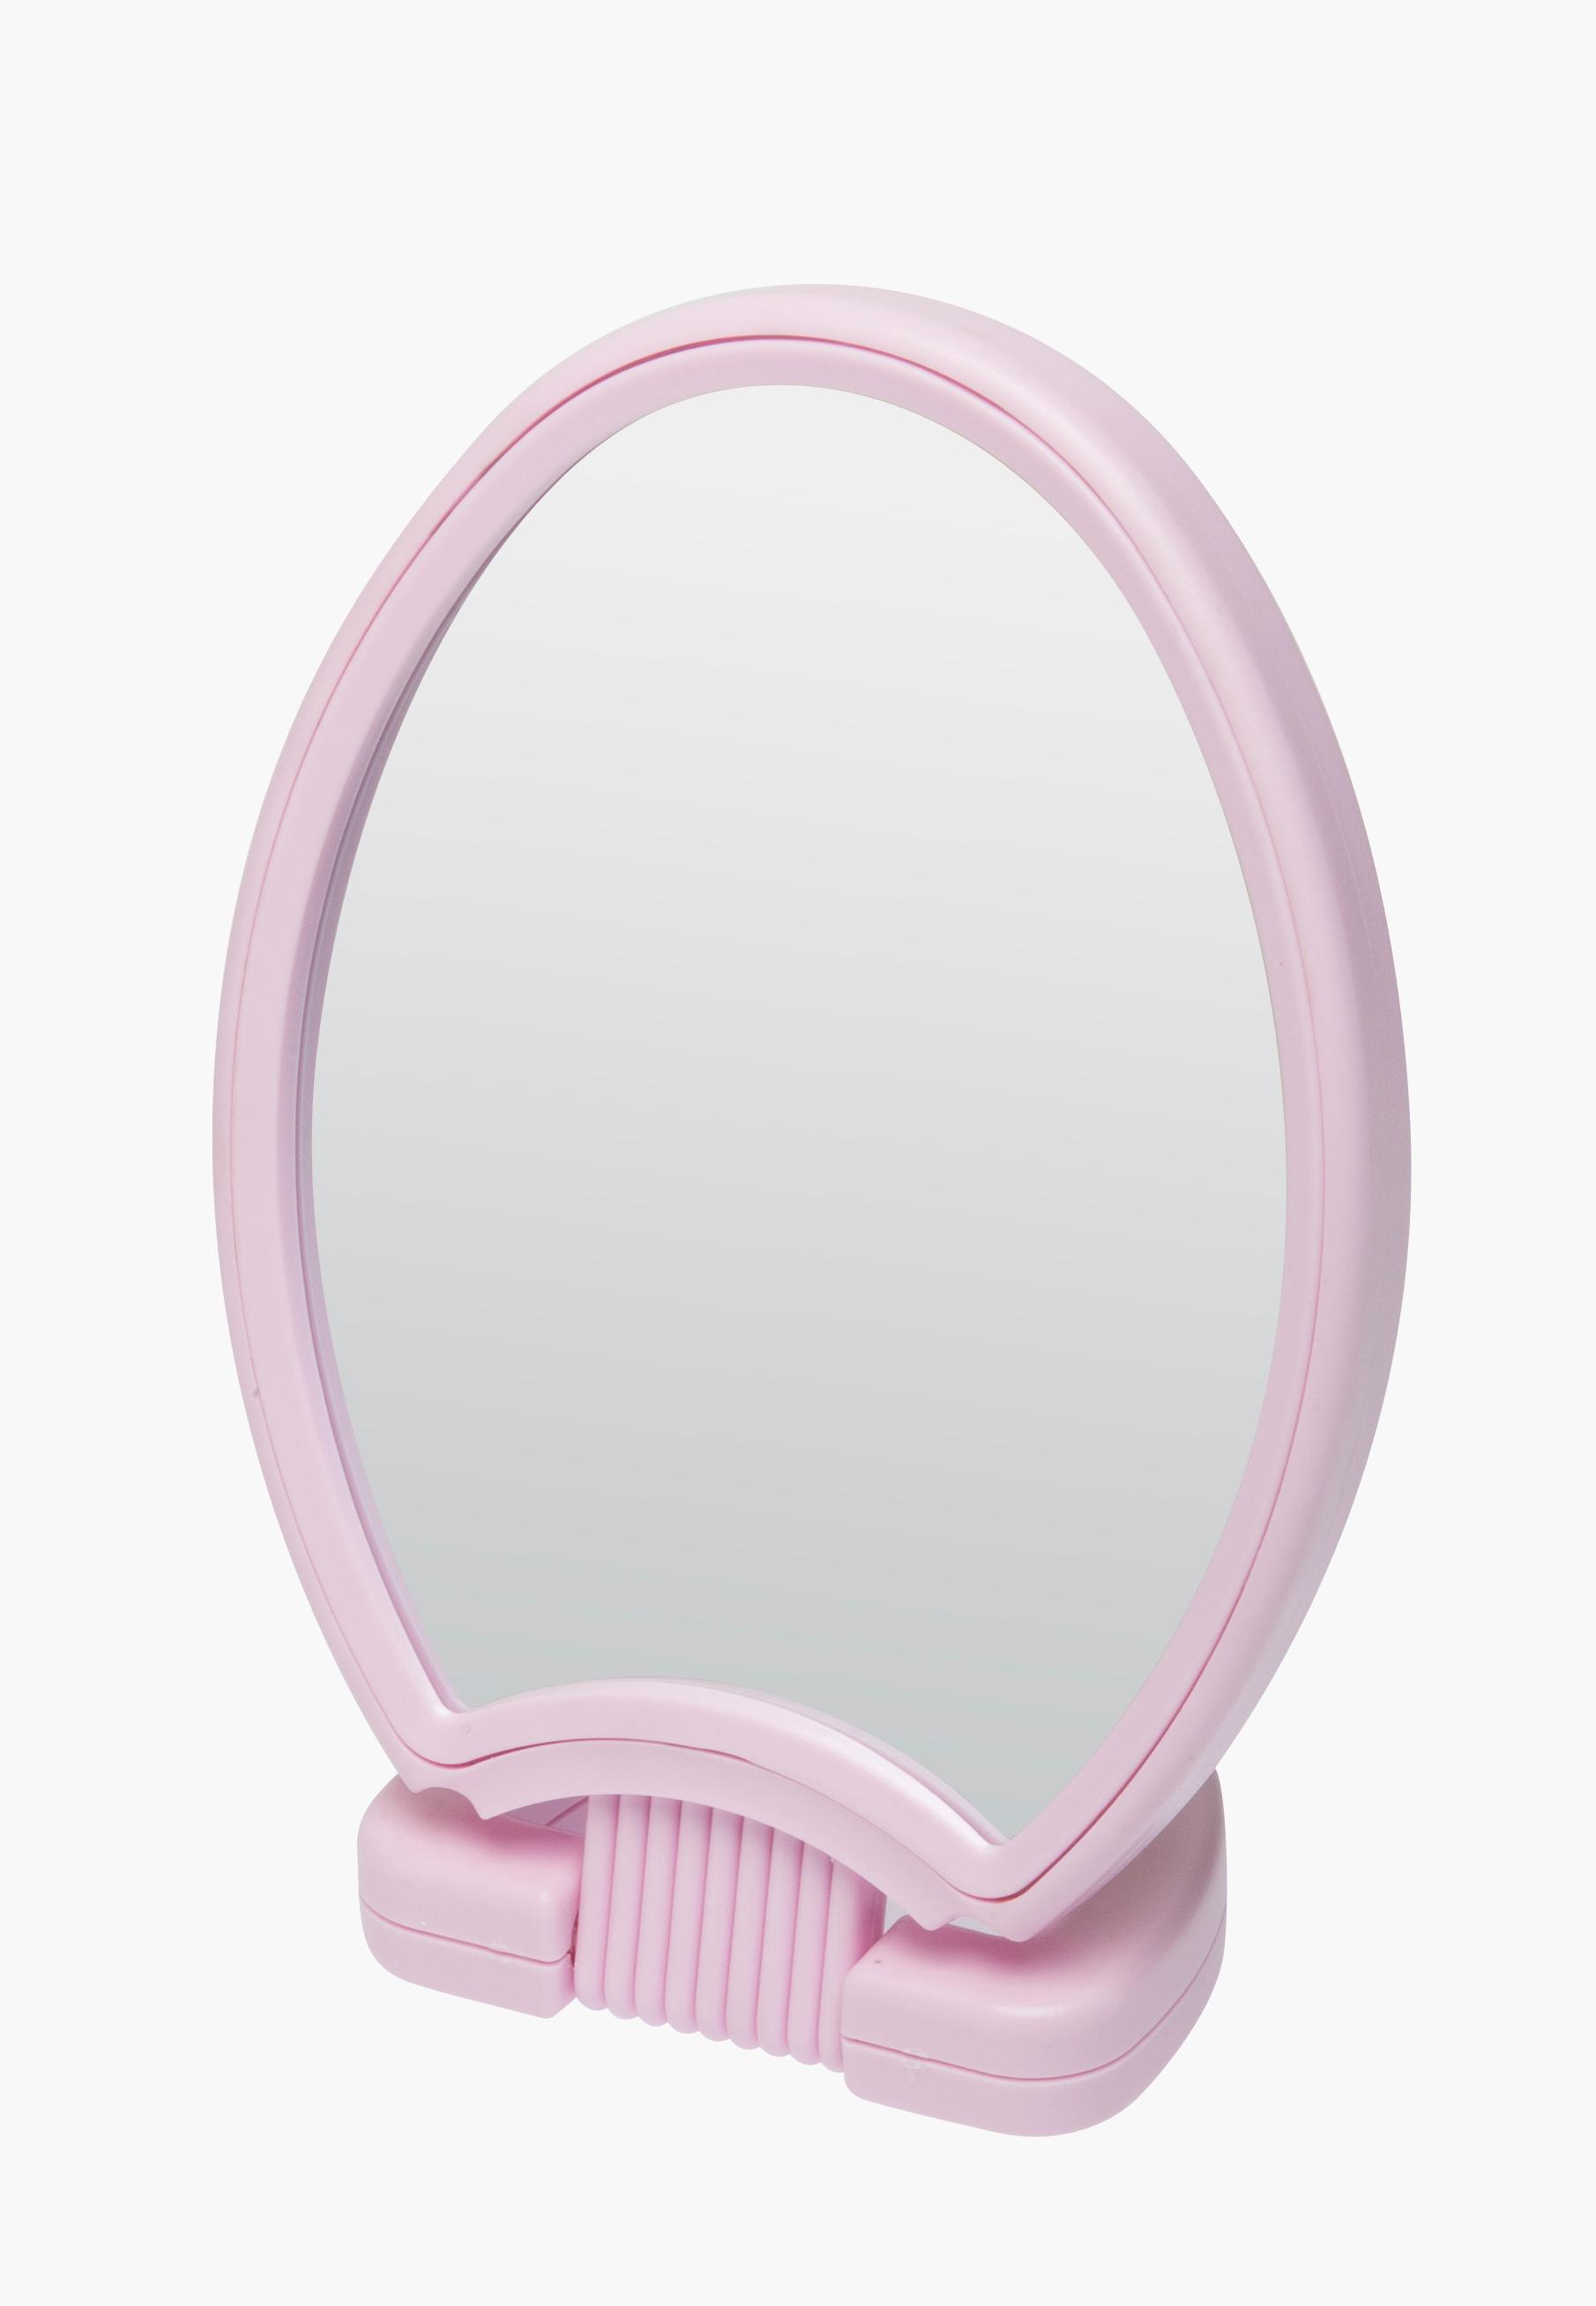 DEWAL BEAUTY Зеркало настольное, в розовой оправе, на пластиковой подставке 26x14,5 см